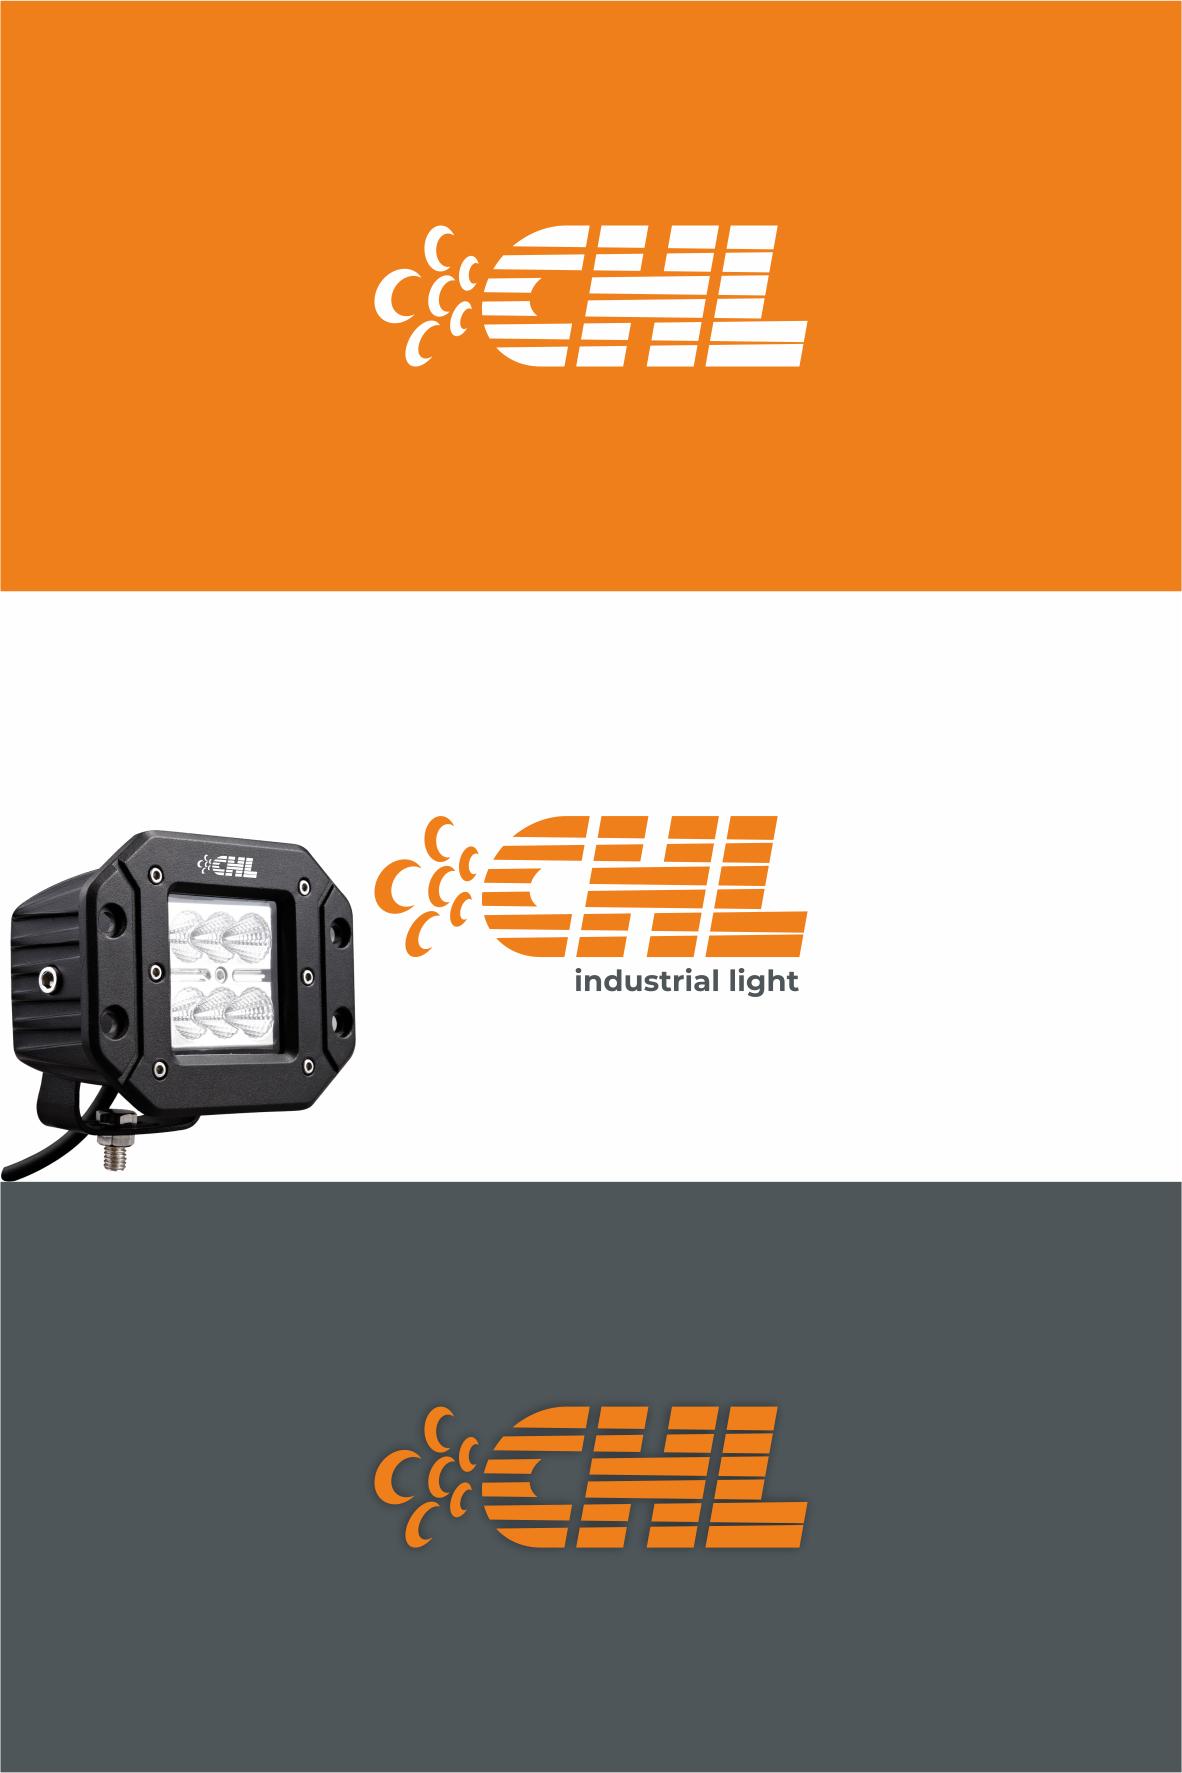 разработка логотипа для производителя фар фото f_7795f5f55c21e491.png